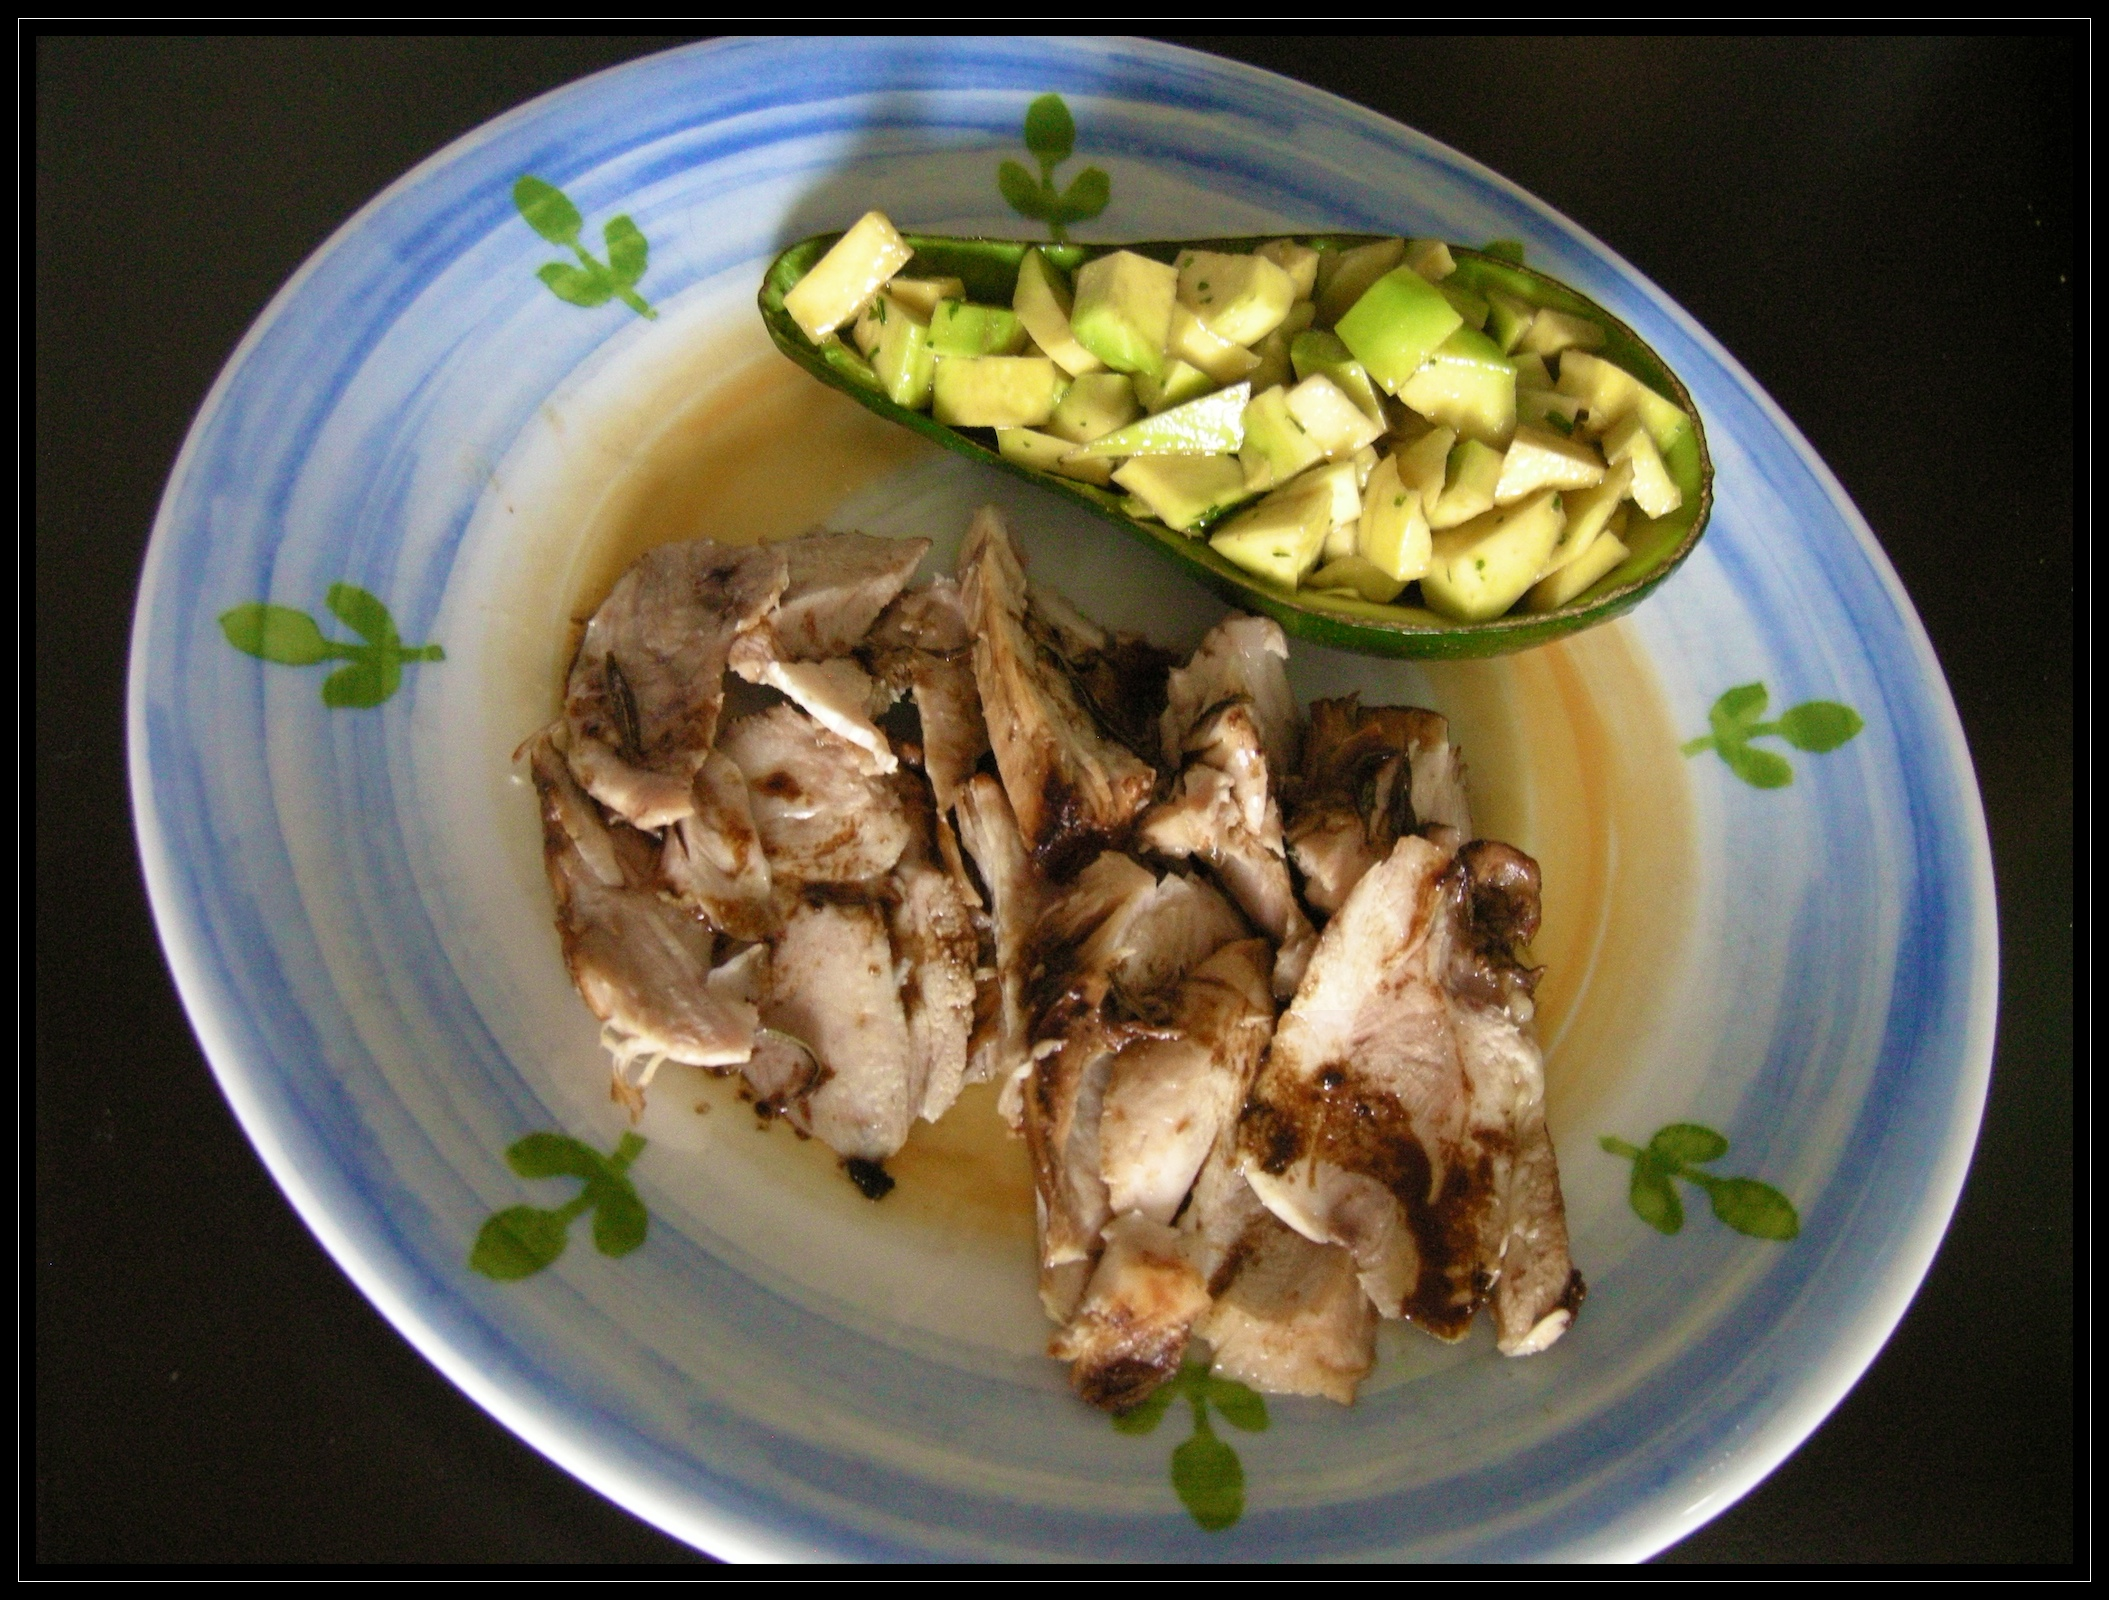 Pollo al limone ed erbe aromatiche con insalatina di avocado al basilico ed erba cipollina